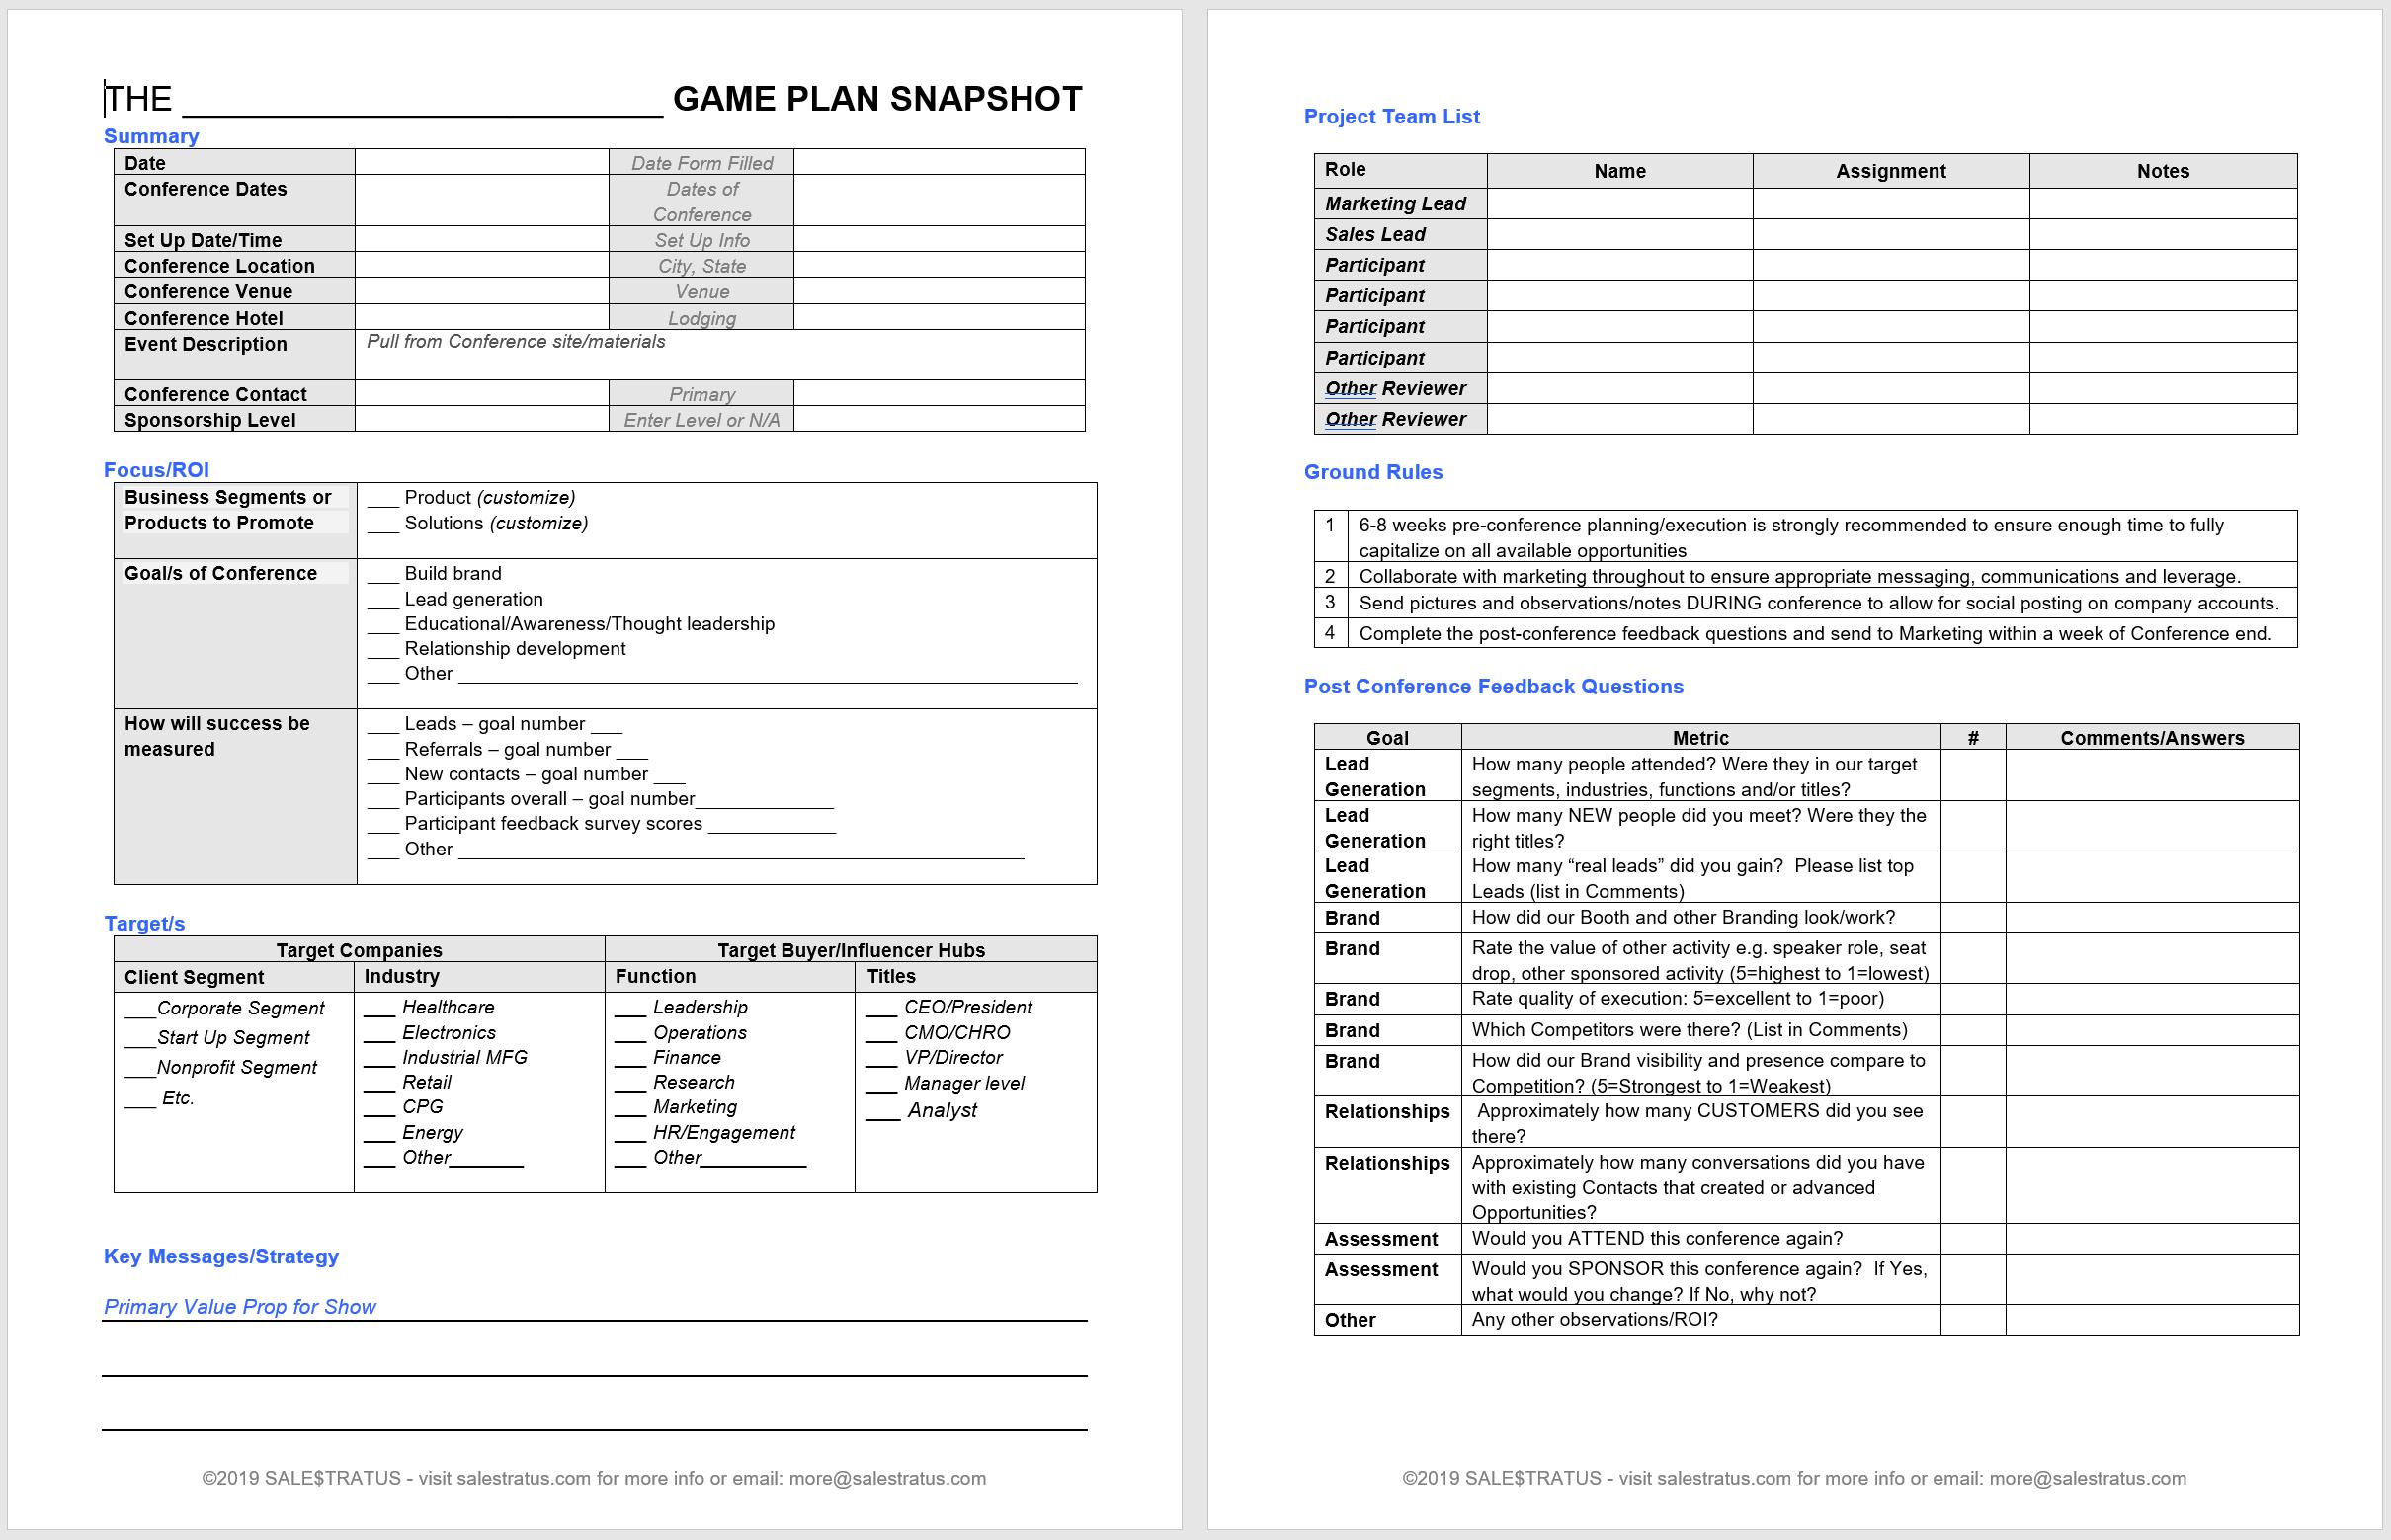 Tradeshow-GamePlan-Template-image